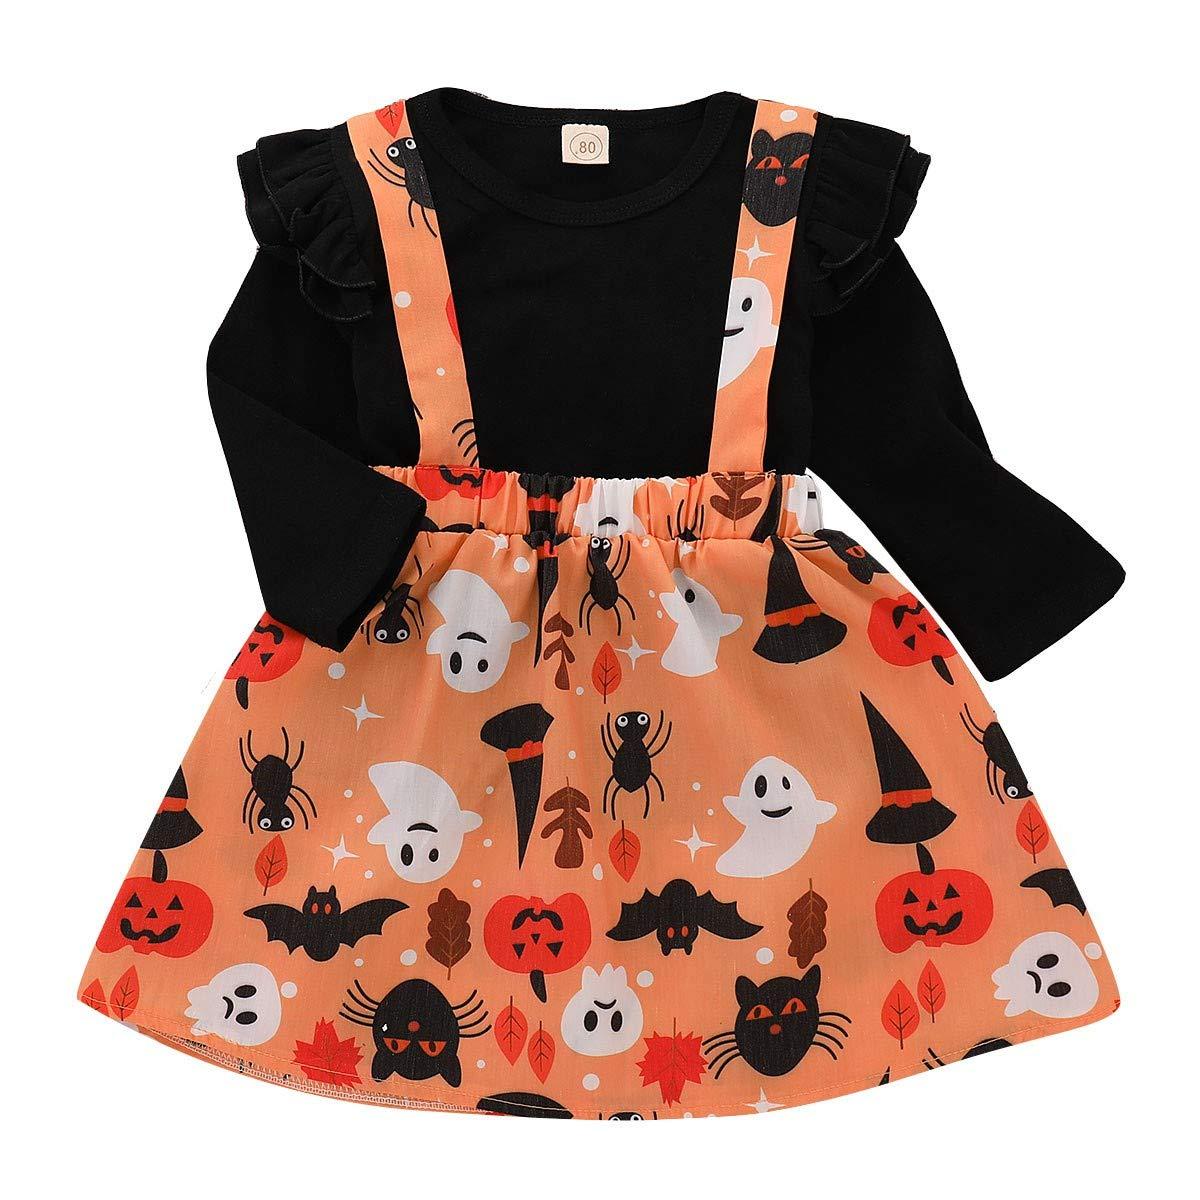 Conjuntos para Bebés Niñas Otoño Invierno 2018 Moda PAOLIAN Camisetas Manga  Largas + Falda de Tirantes Halloween Fiestas Ropa para recién Nacidos ... adad2568729c